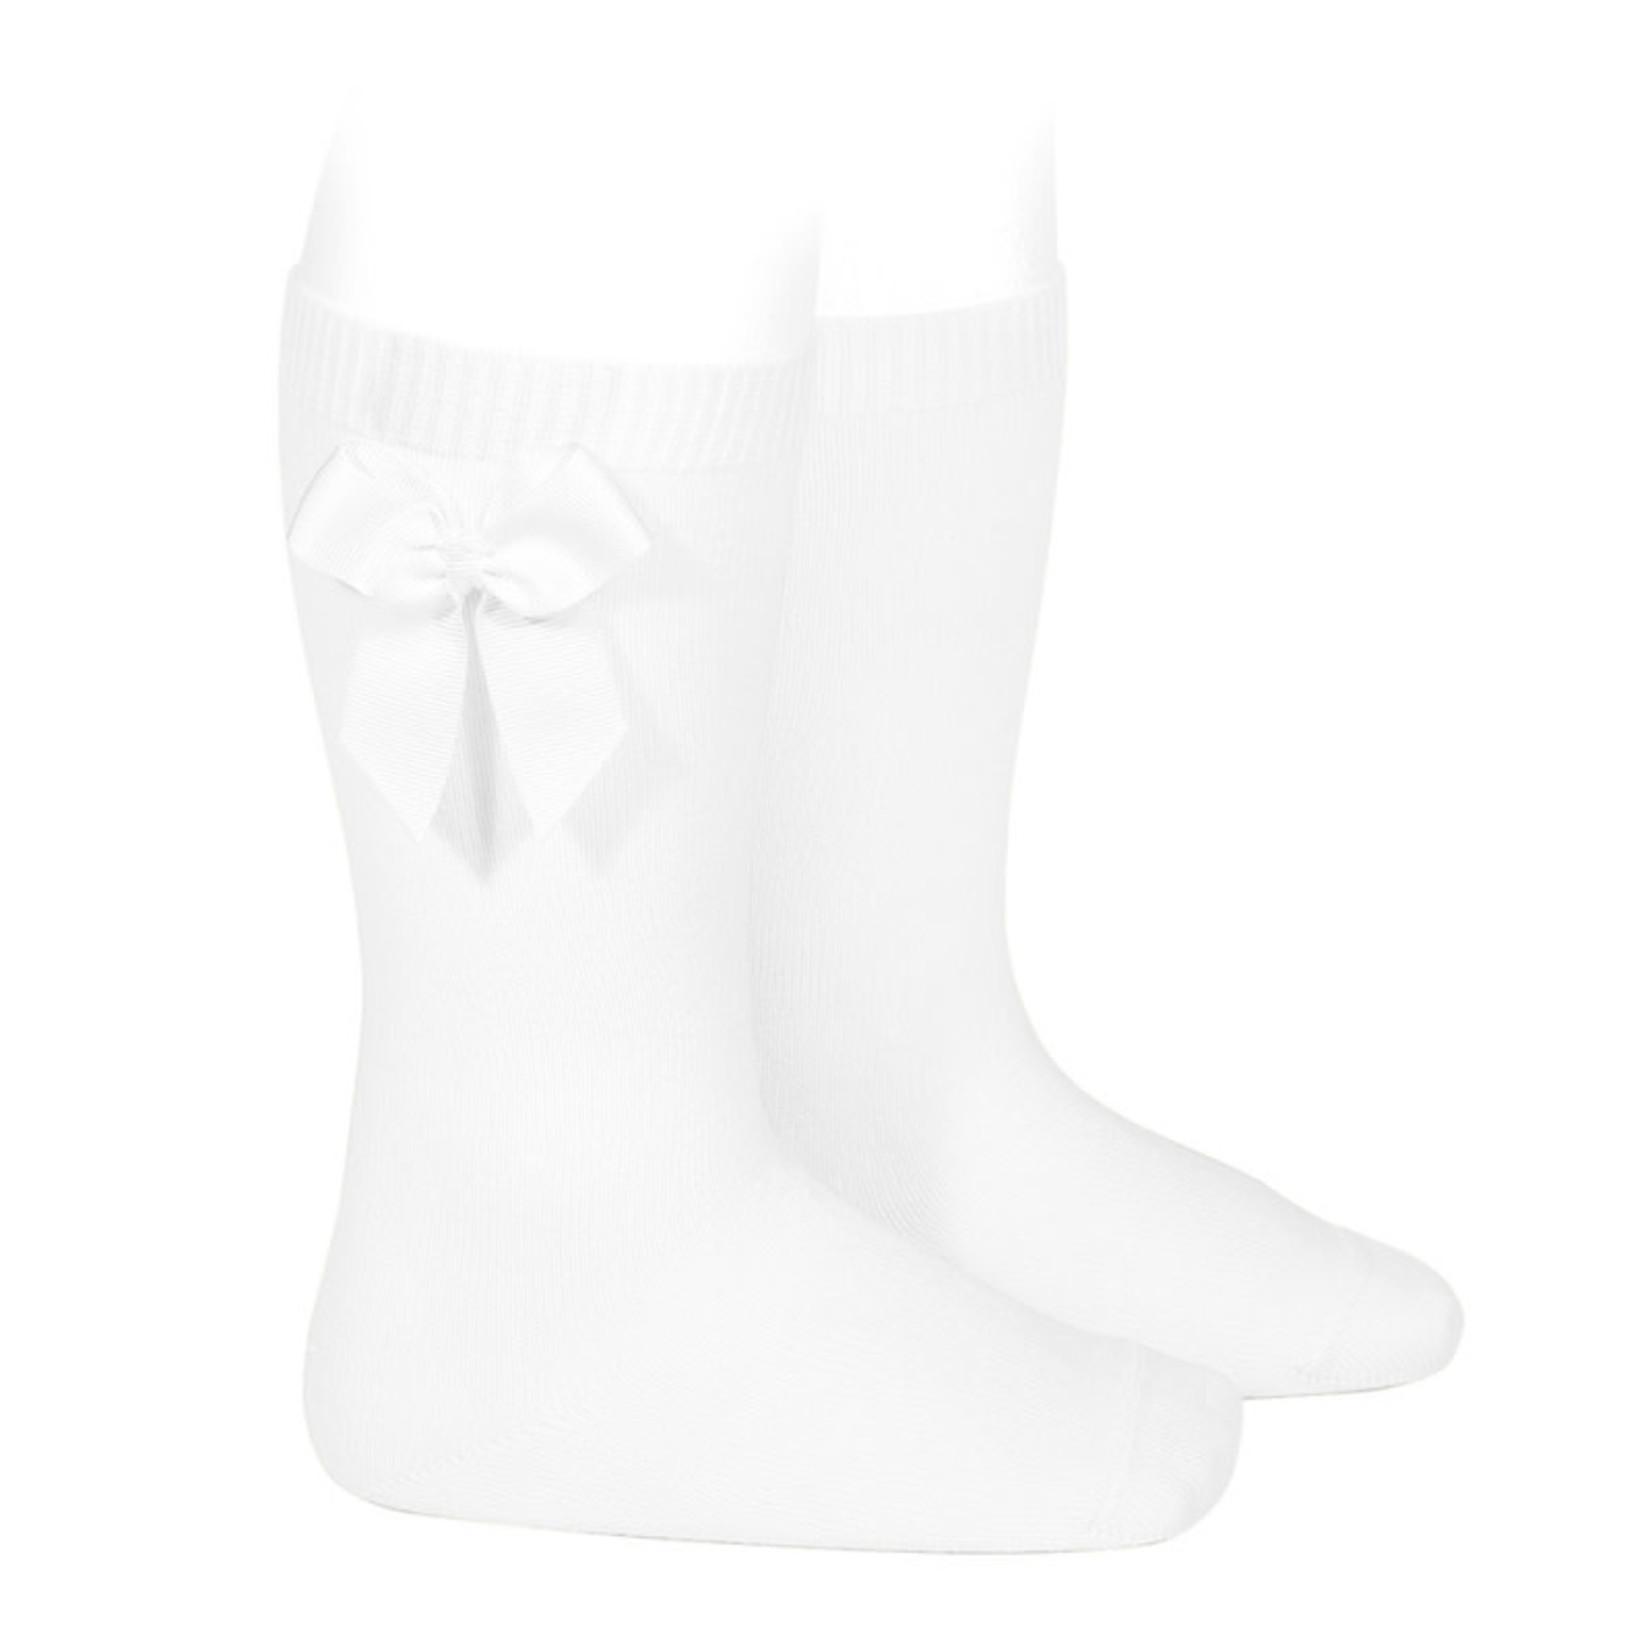 Condor Condor Socks - White